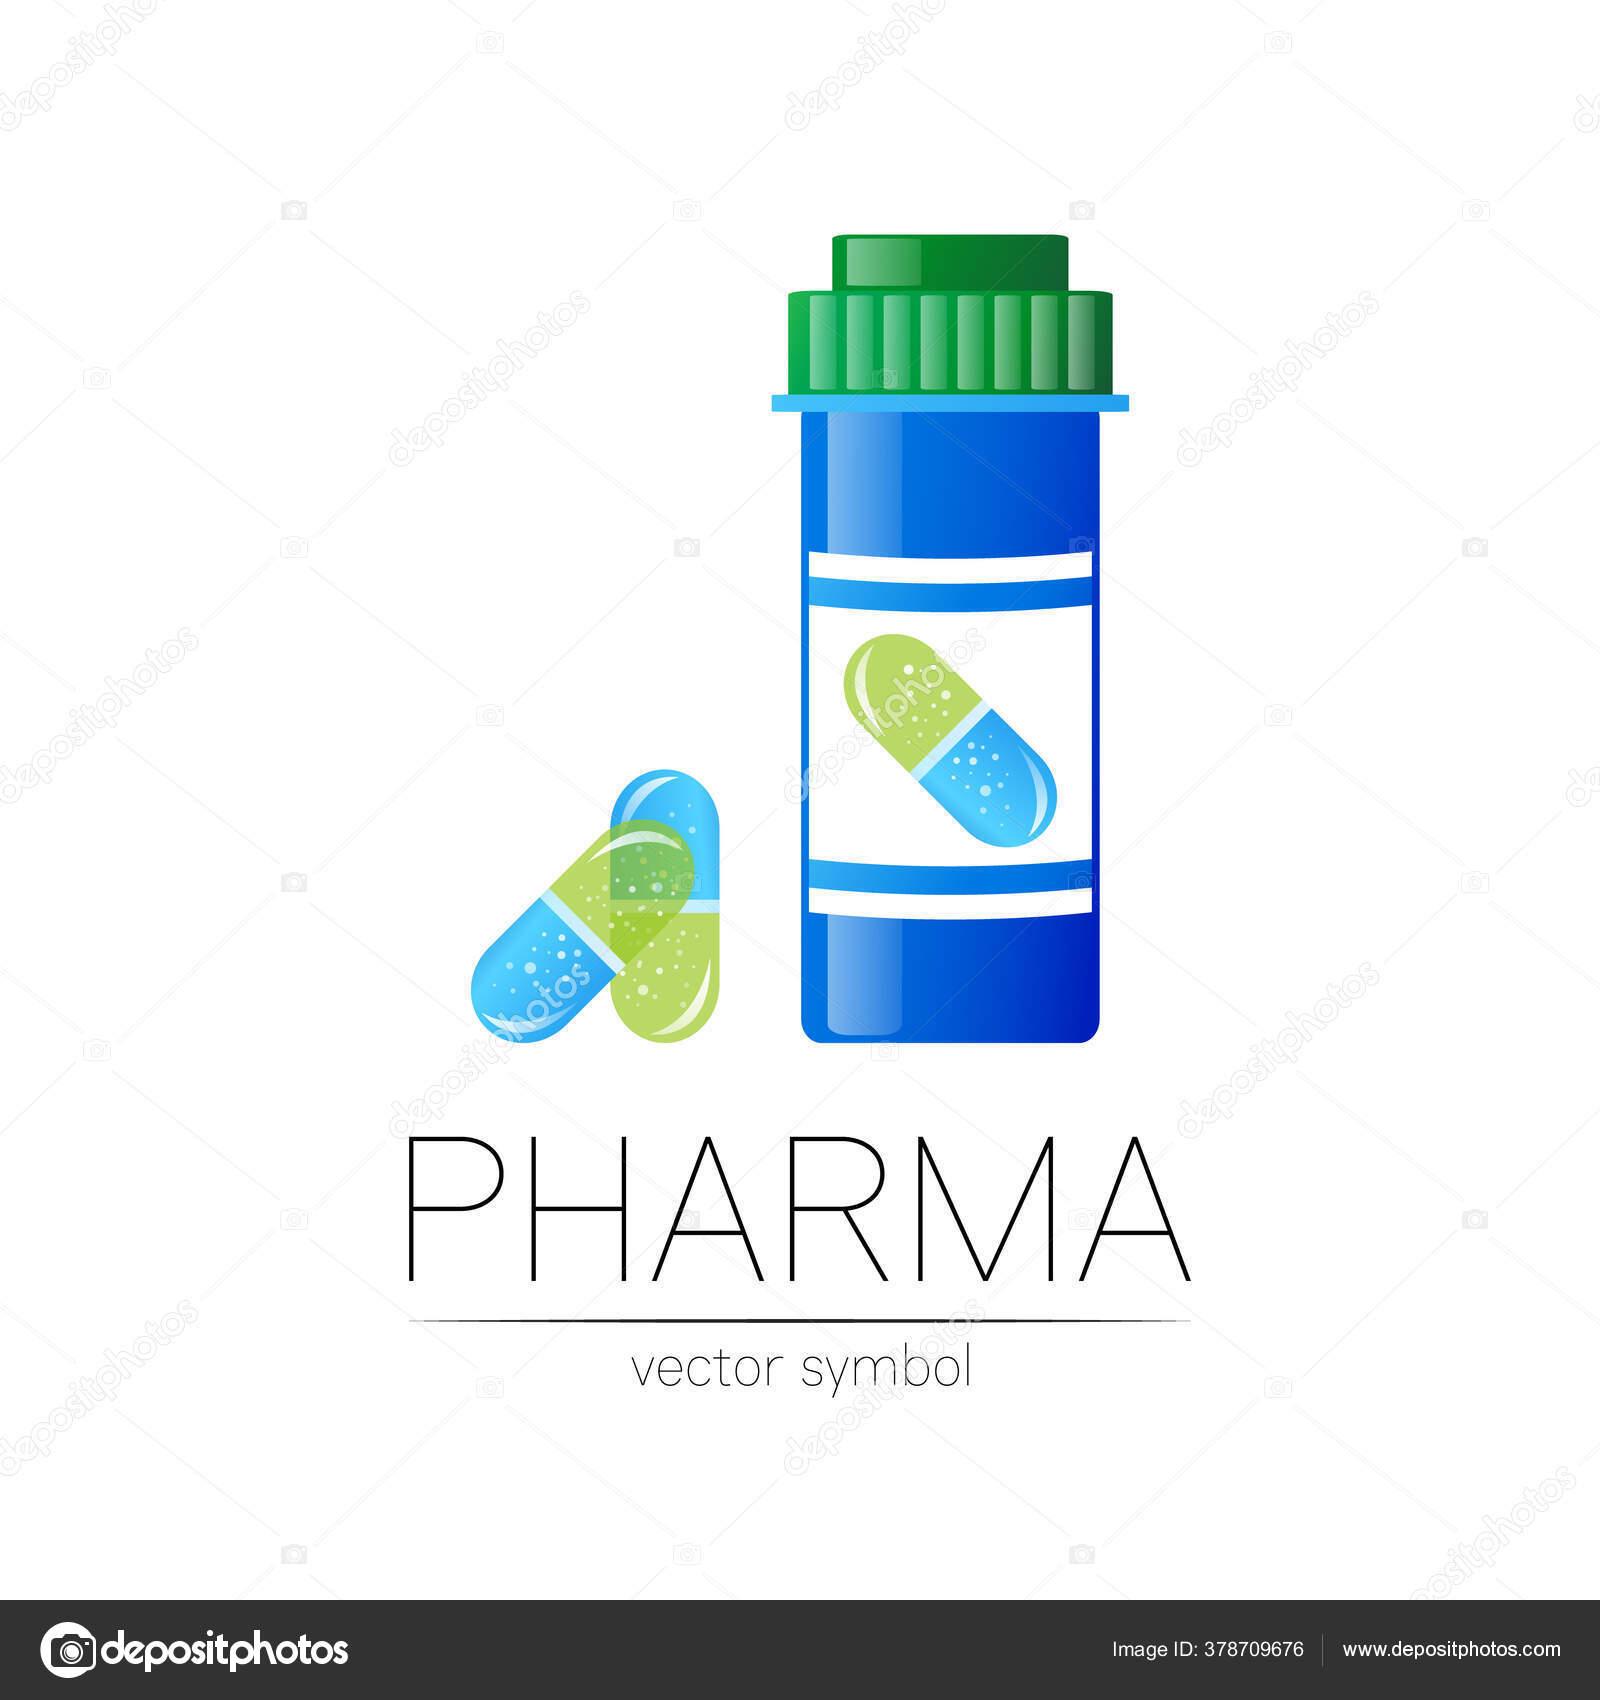 Вектор фармацевтическая компания официальный сайт обоснование проекта создание сайта